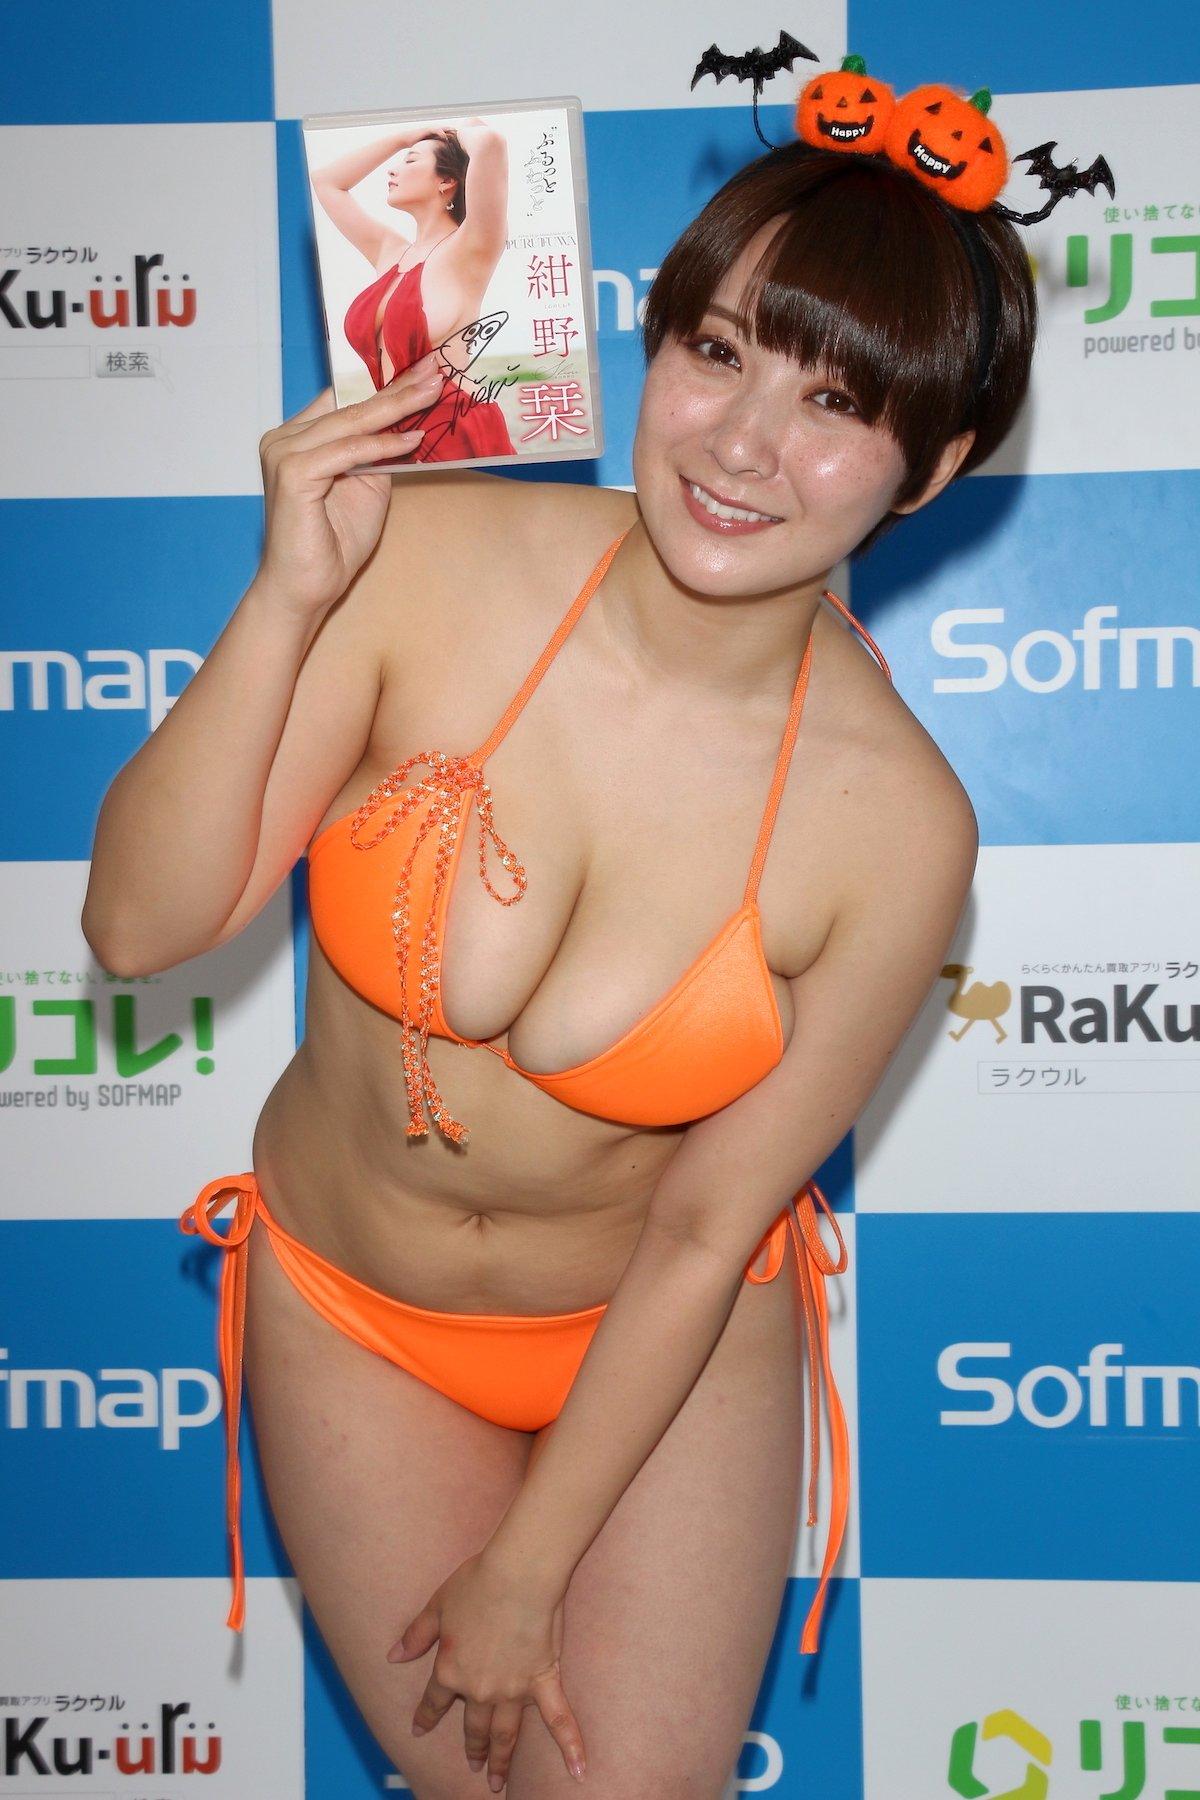 紺野栞「SM嬢に初挑戦」ムチを覚えて感動しました【画像49枚】の画像047